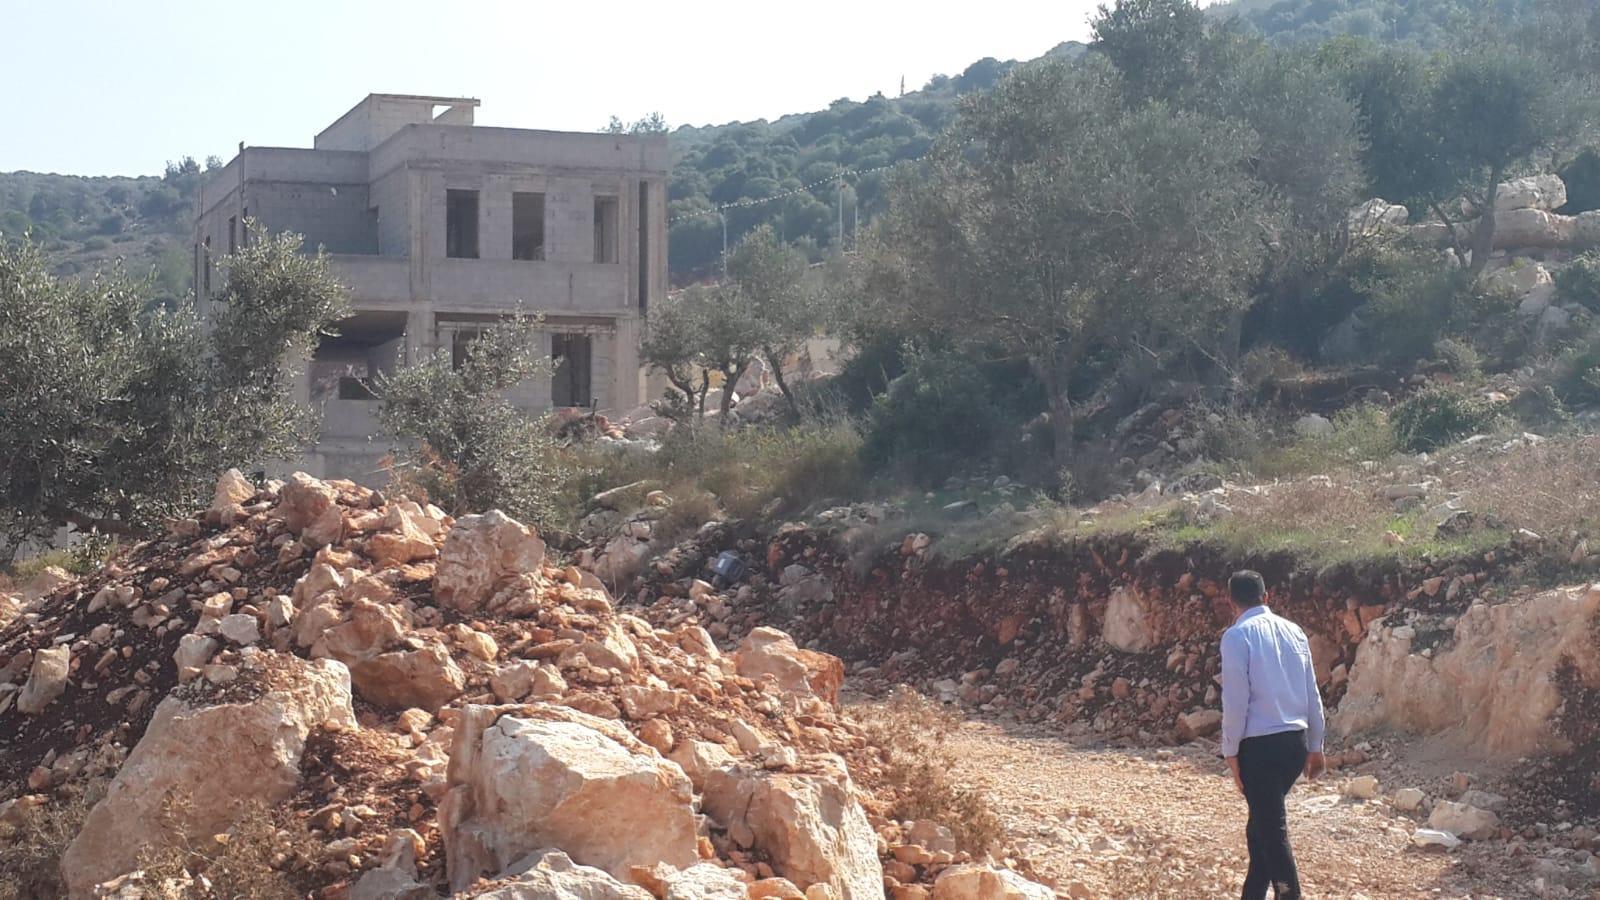 وادي عارة: 5 أوامر هدم لمنازل في خور صقر